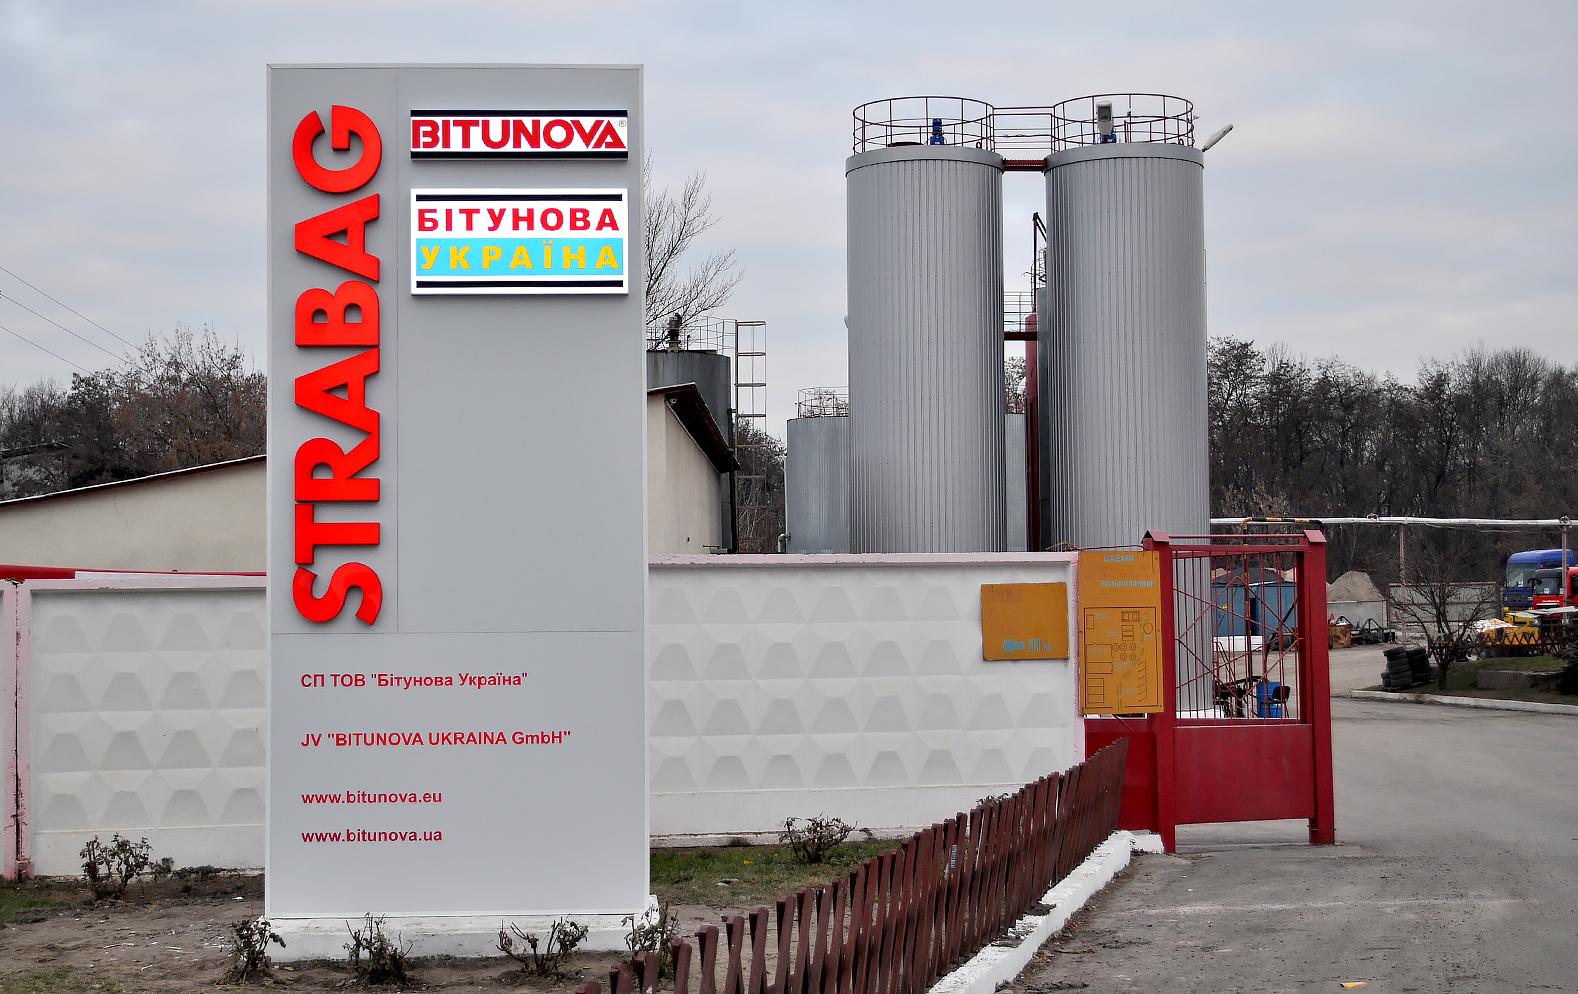 Виготовлення та монтаж стели для заводу «Бітунова Україна»